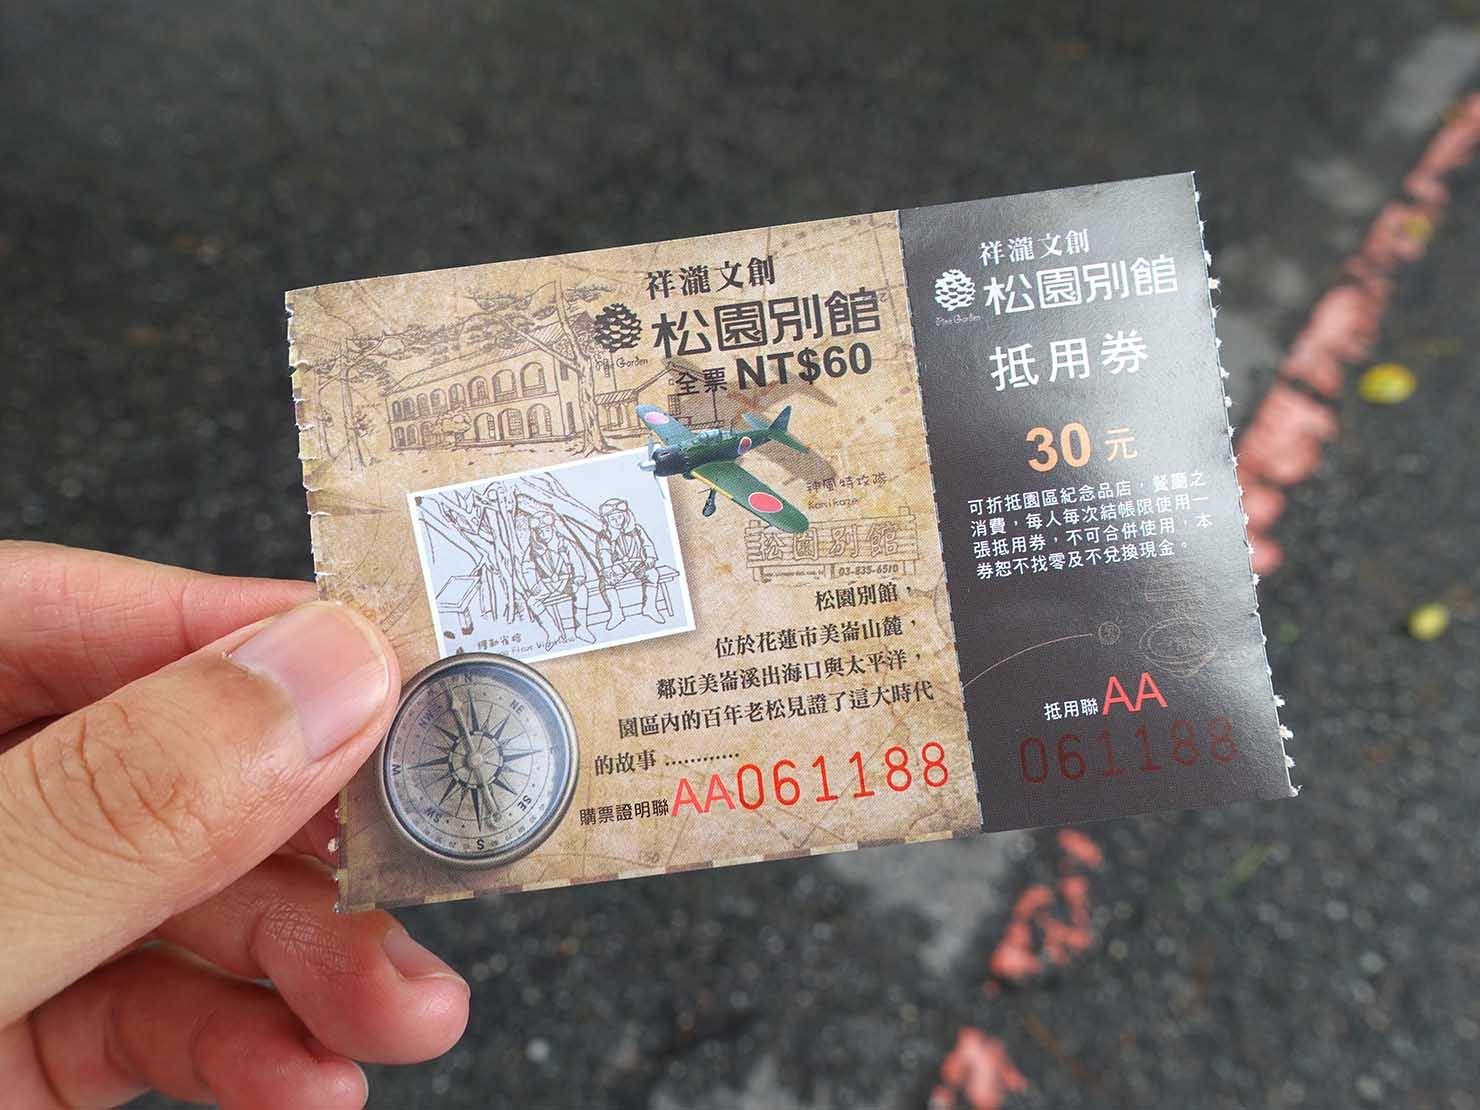 台湾・花蓮のおすすめ観光スポット「松園別館」のチケット